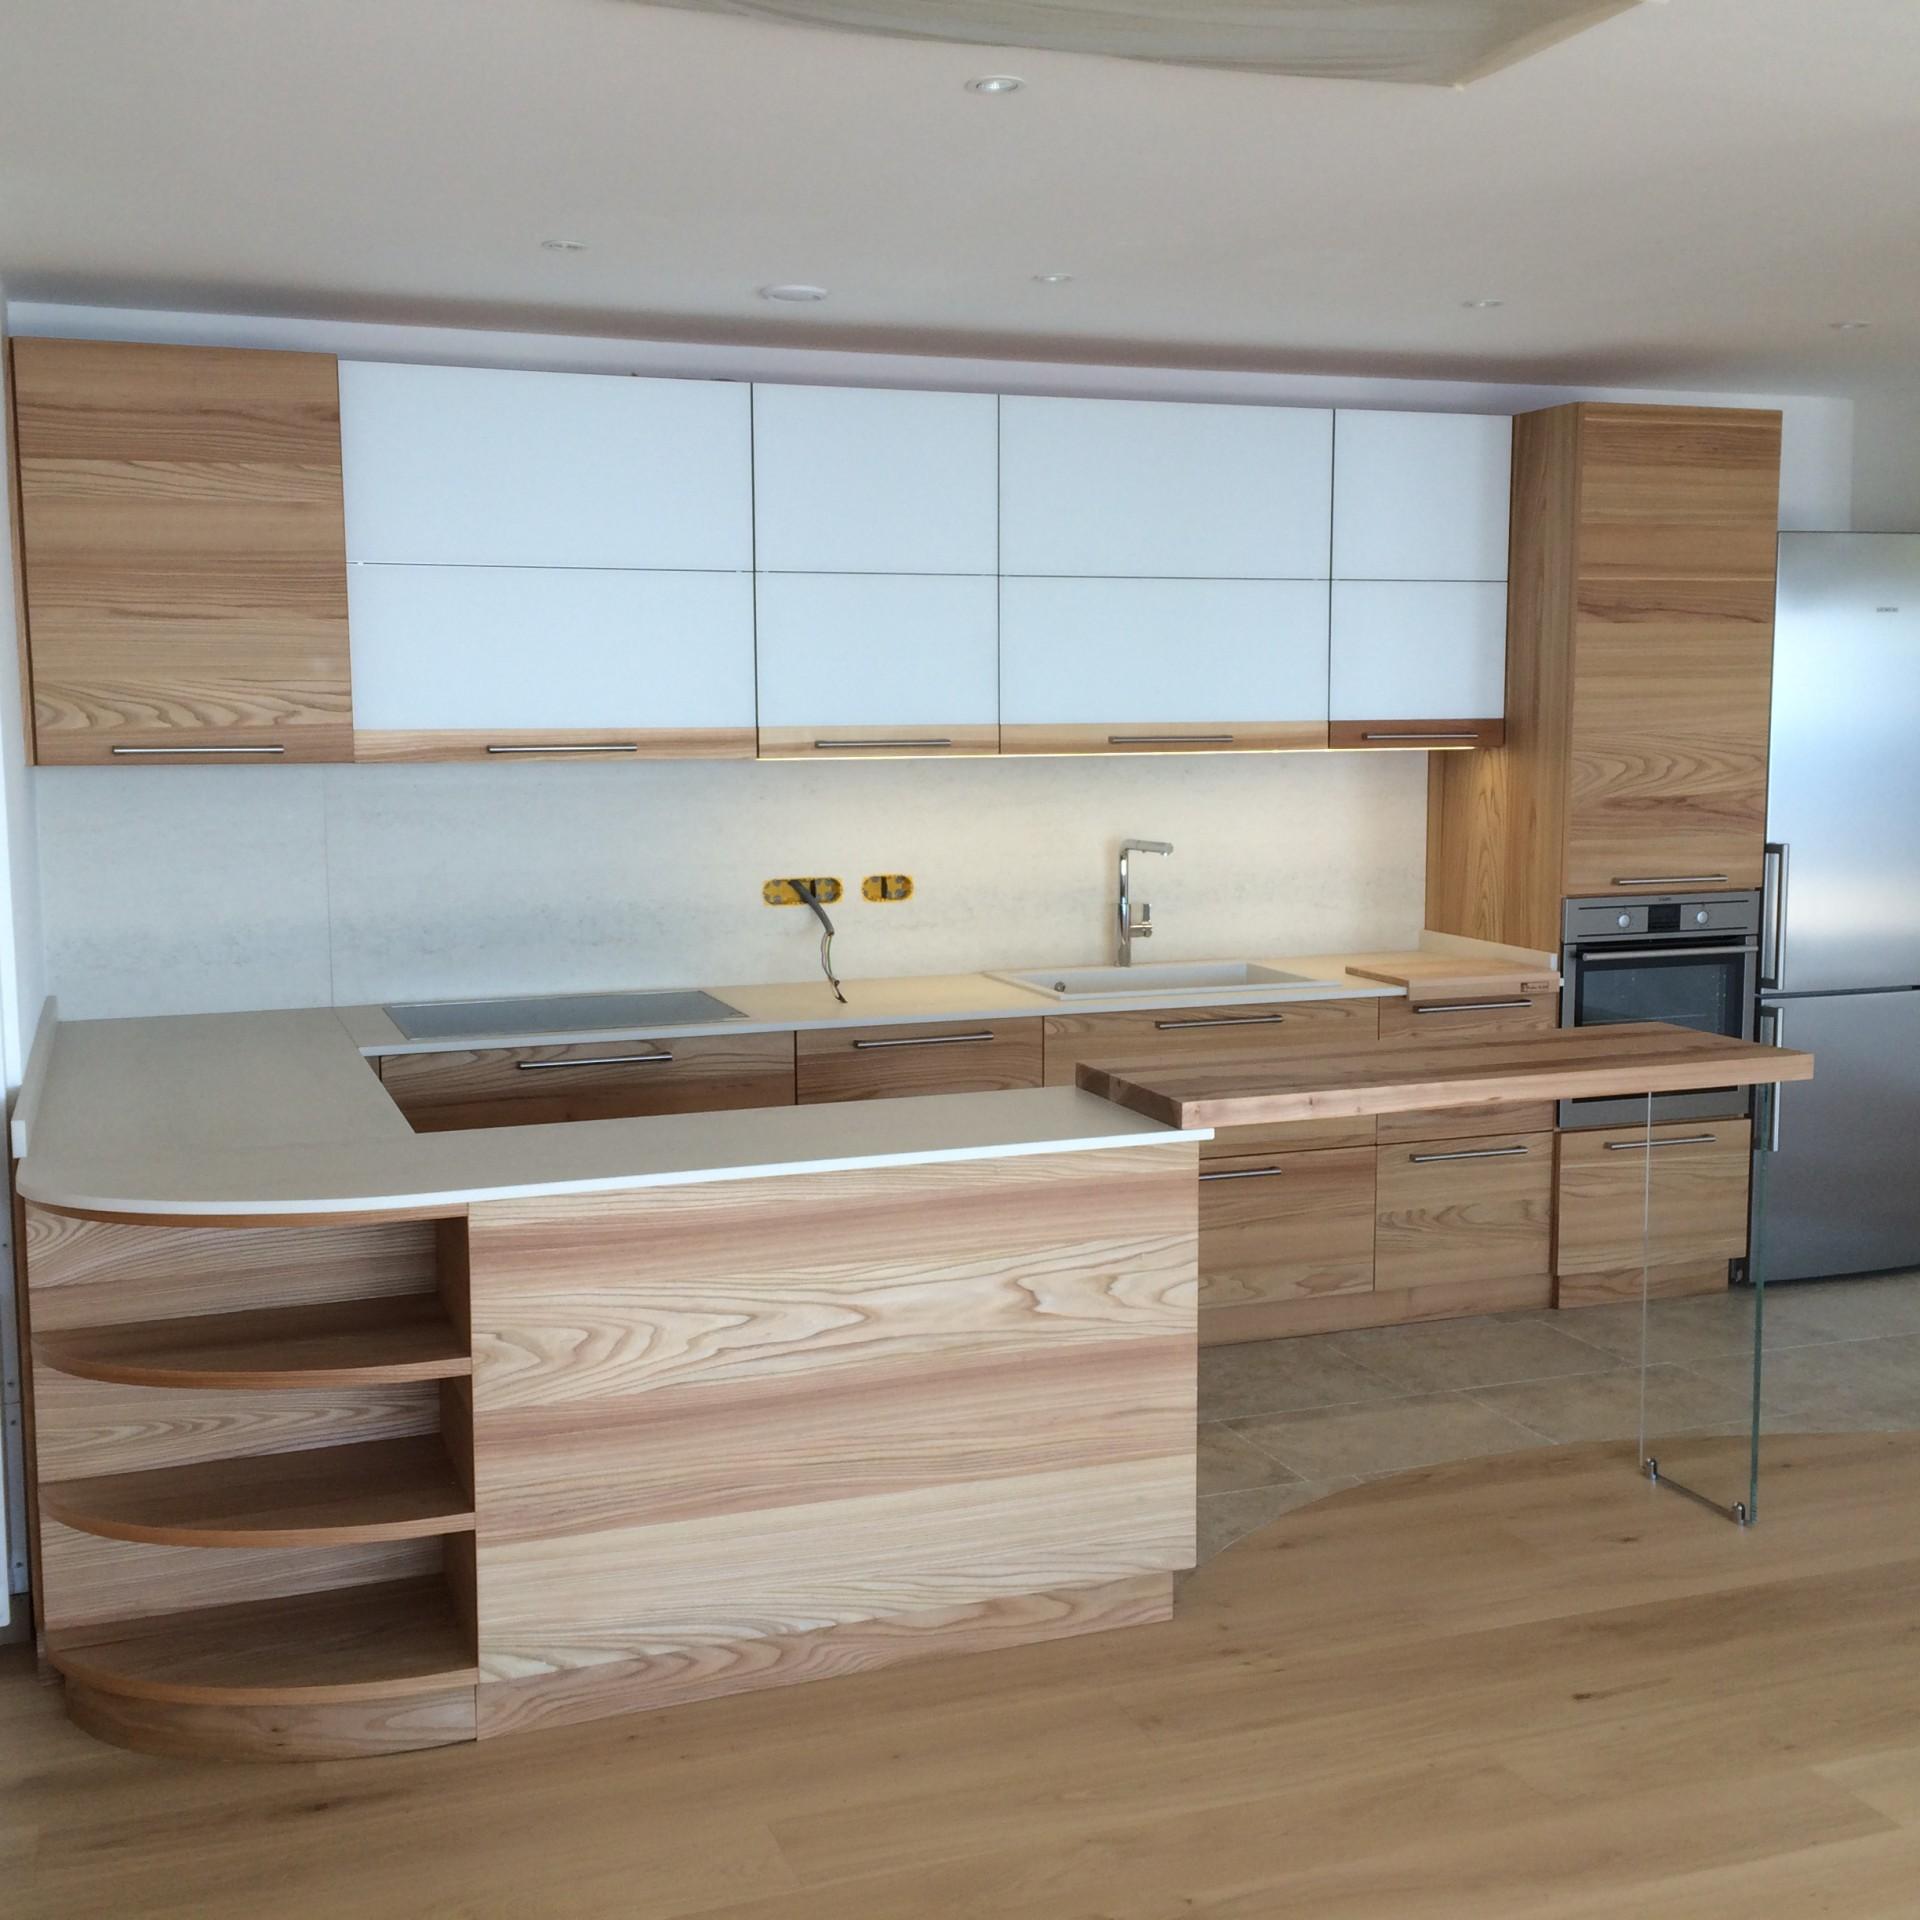 Interesting cucine in legno naturale cucina moderna a modena fadini mobili cerea verona with - Mobili in pino naturale ...